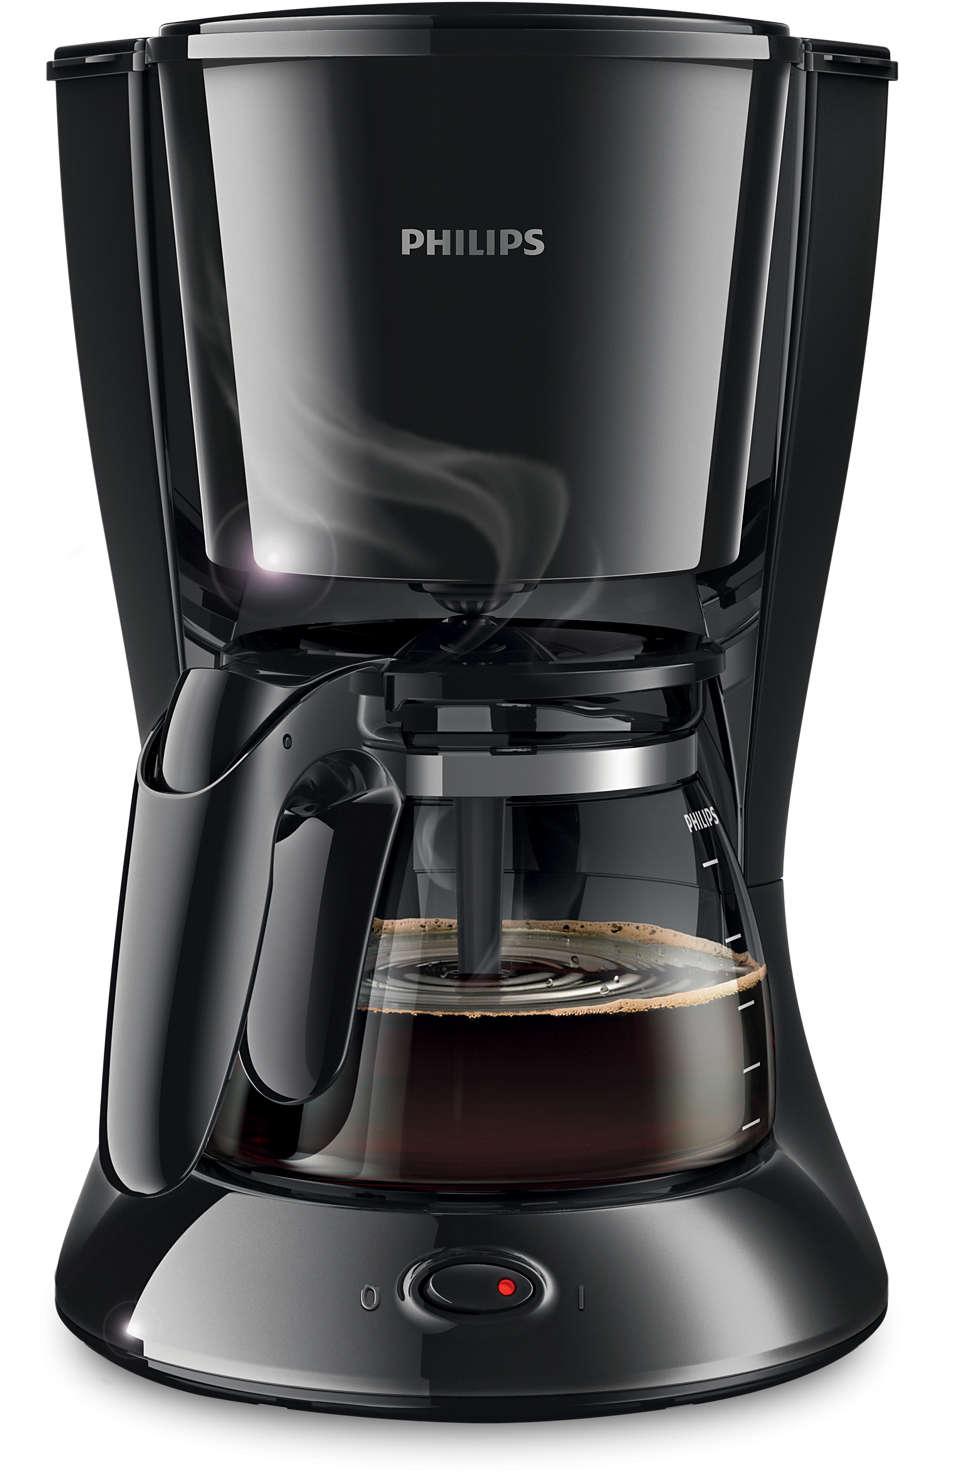 Einfach guter Kaffee